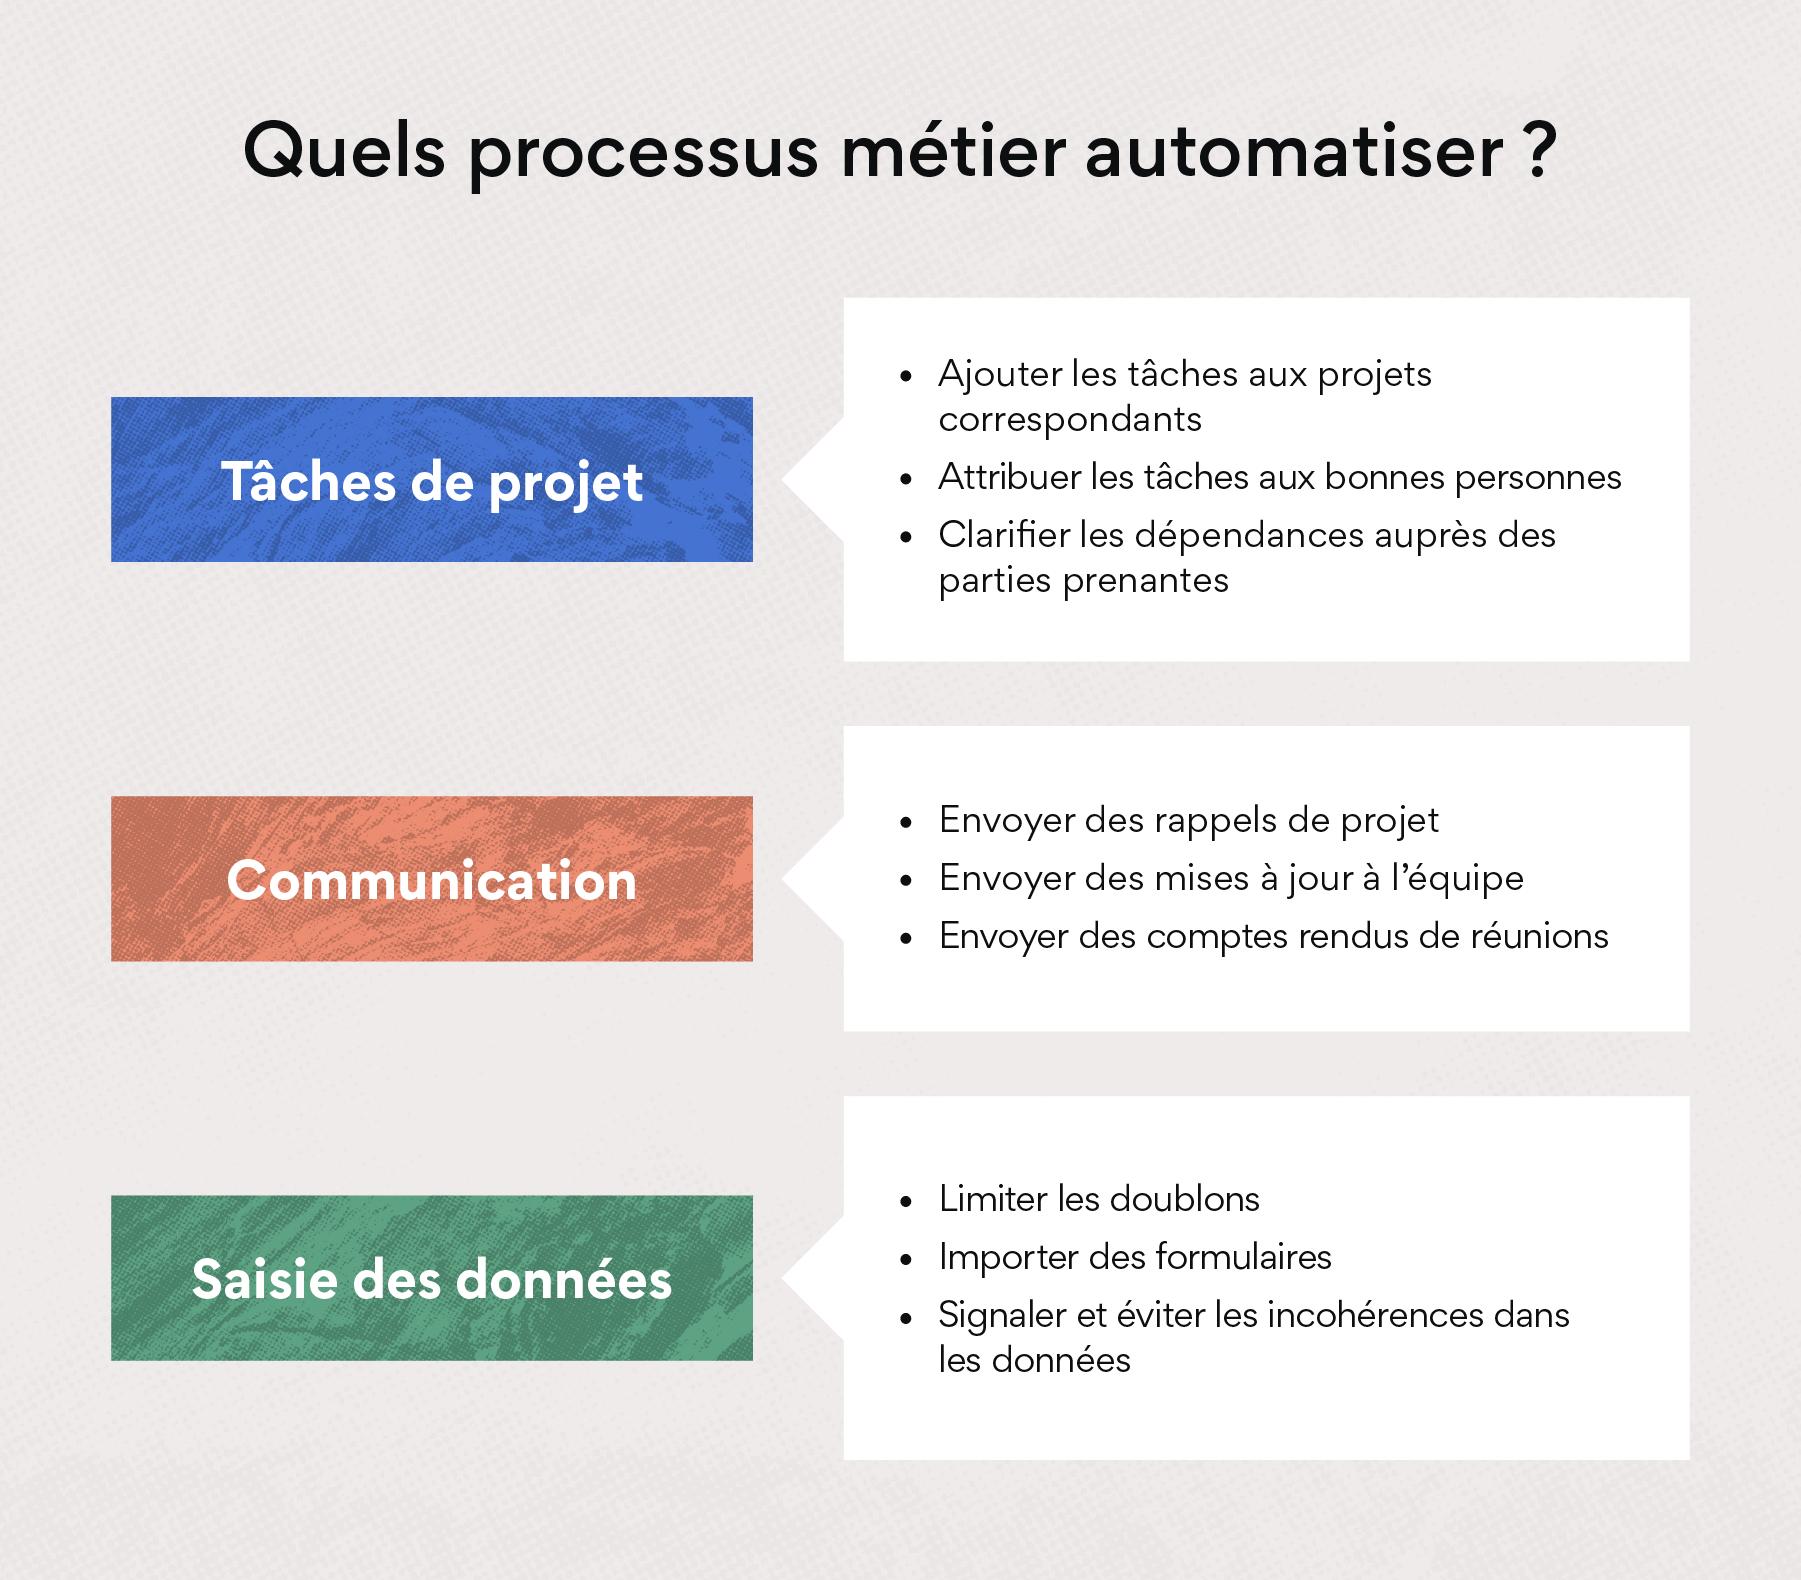 Quels processus métier automatiser?